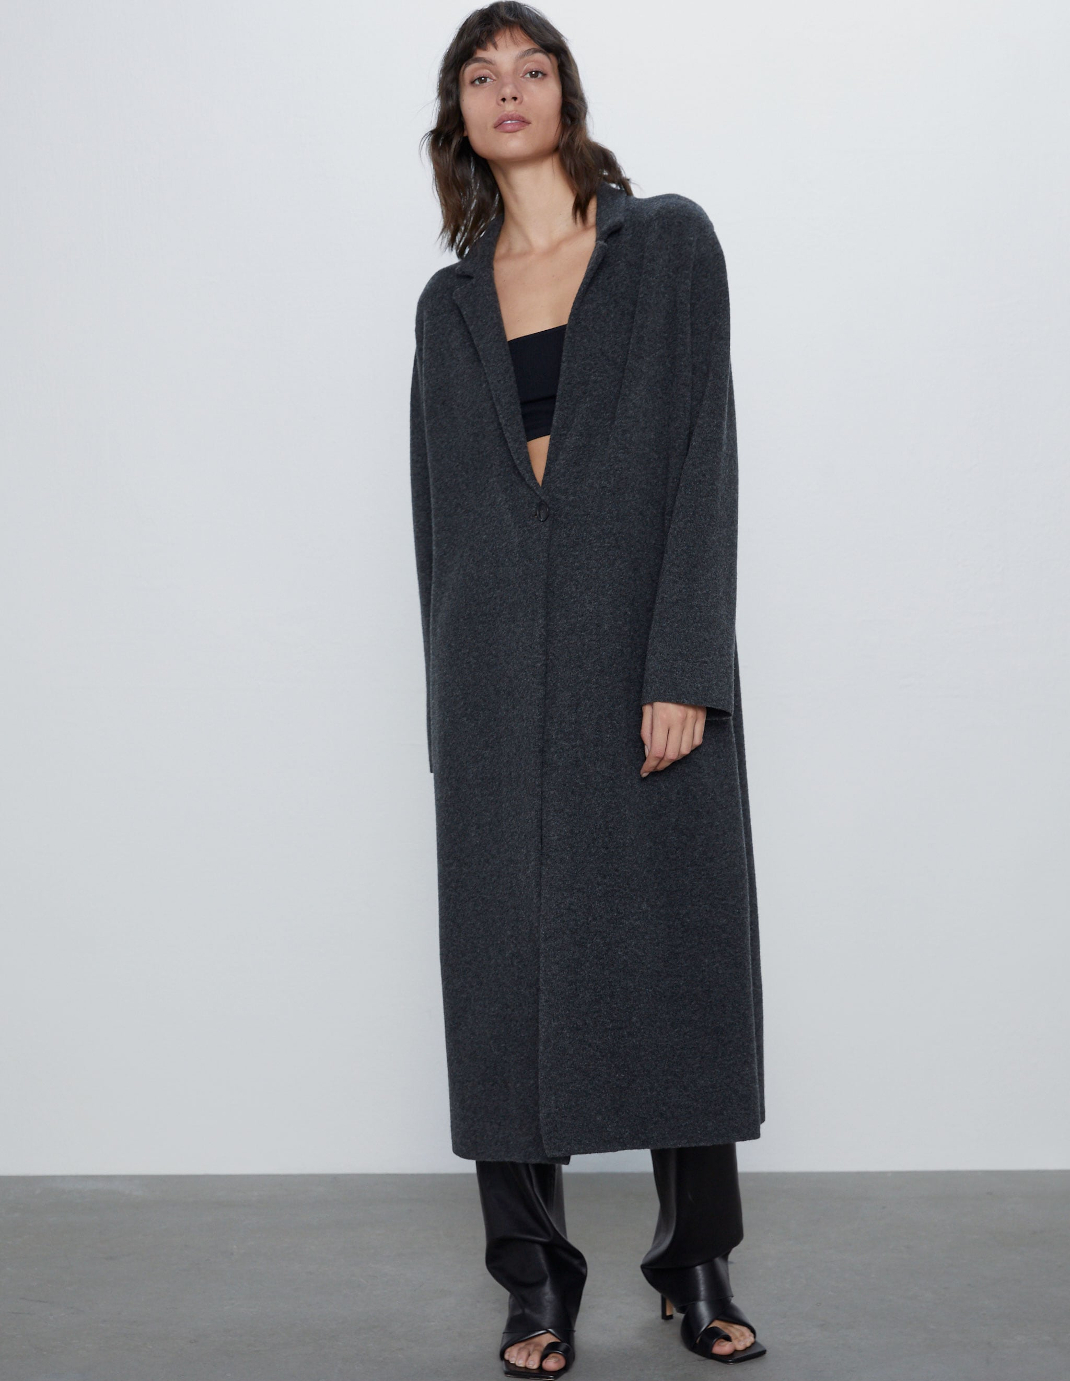 μοντέλο με παλτό Zara